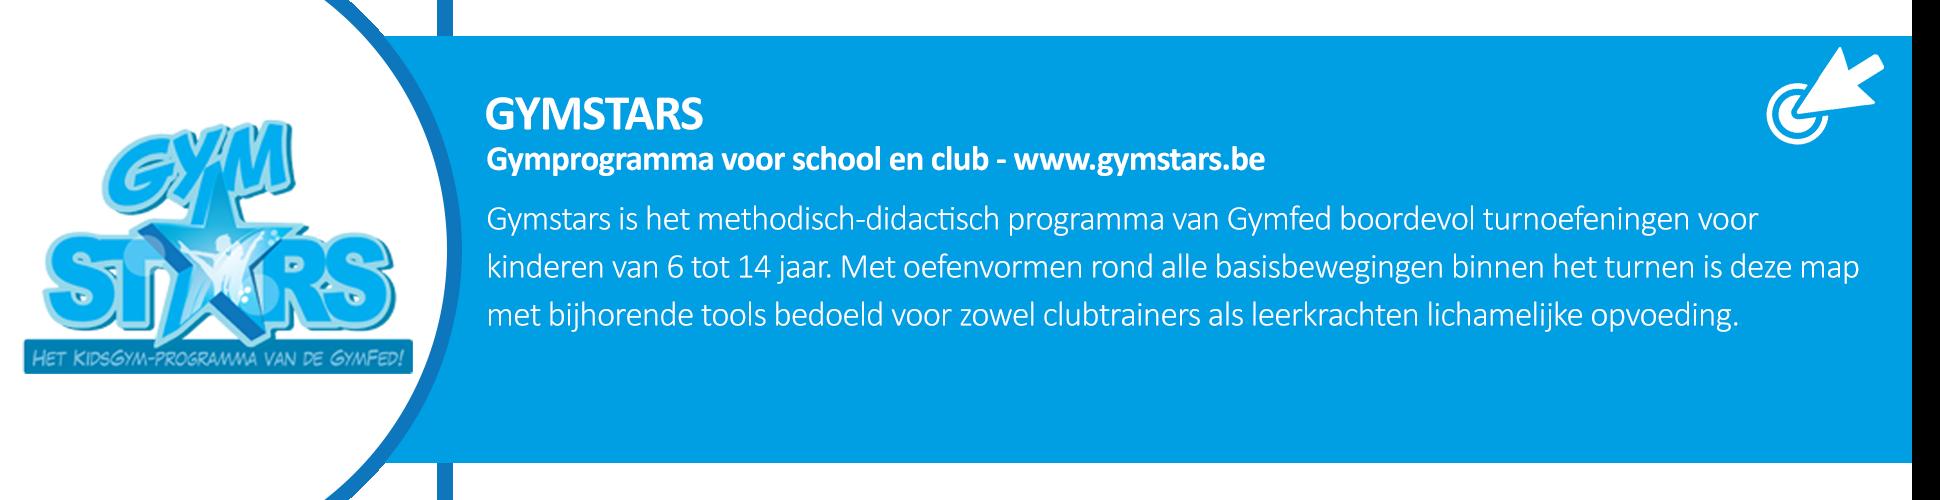 methodisch-didactisch programma Gymfed turnoefeningen kinderen 6 tot 14 jaar